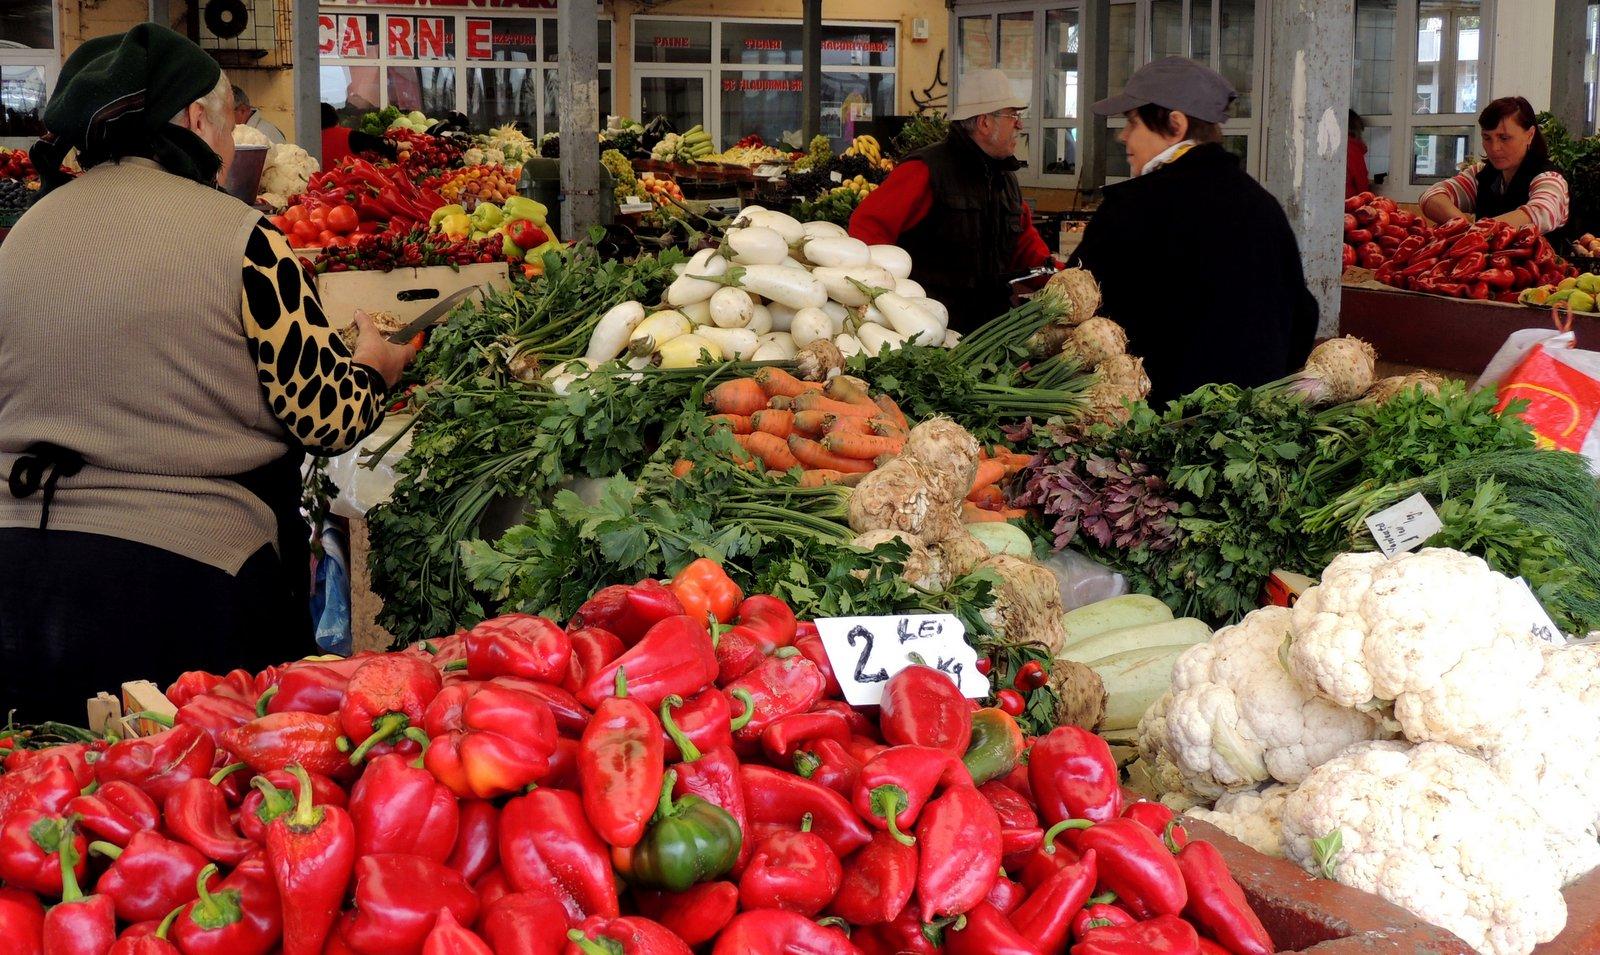 Markt in Rasnov - Rumänien